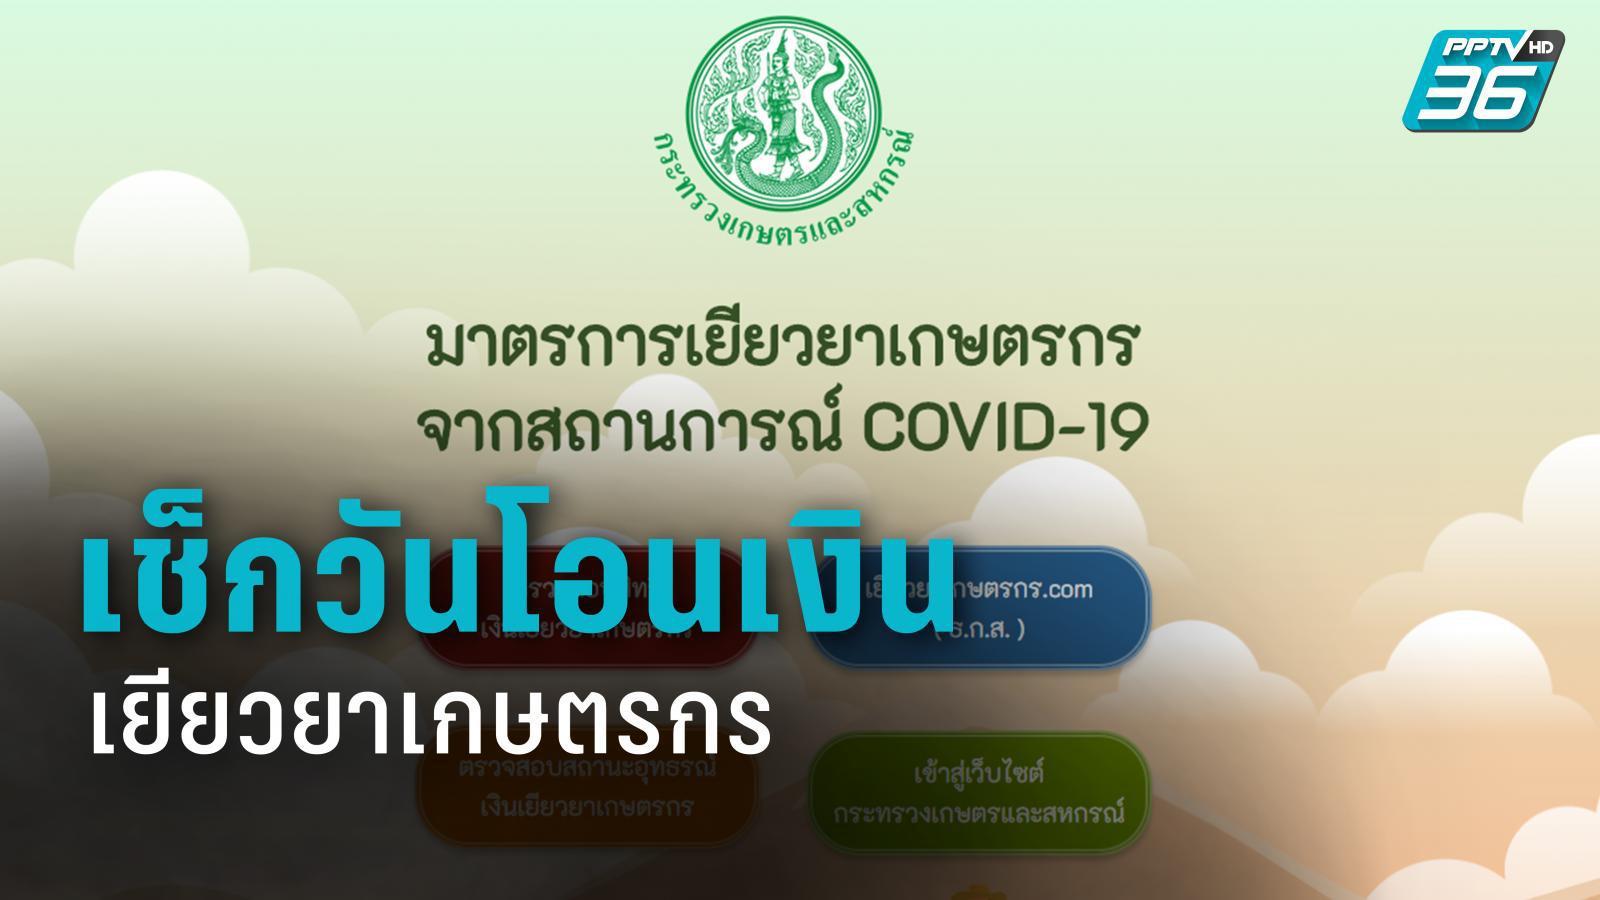 เช็กสิทธิ์เยียวยาเกษตรกร 5,000 บาท ผ่าน www.moac.go.th รู้ทันทีได้เงินวันไหน